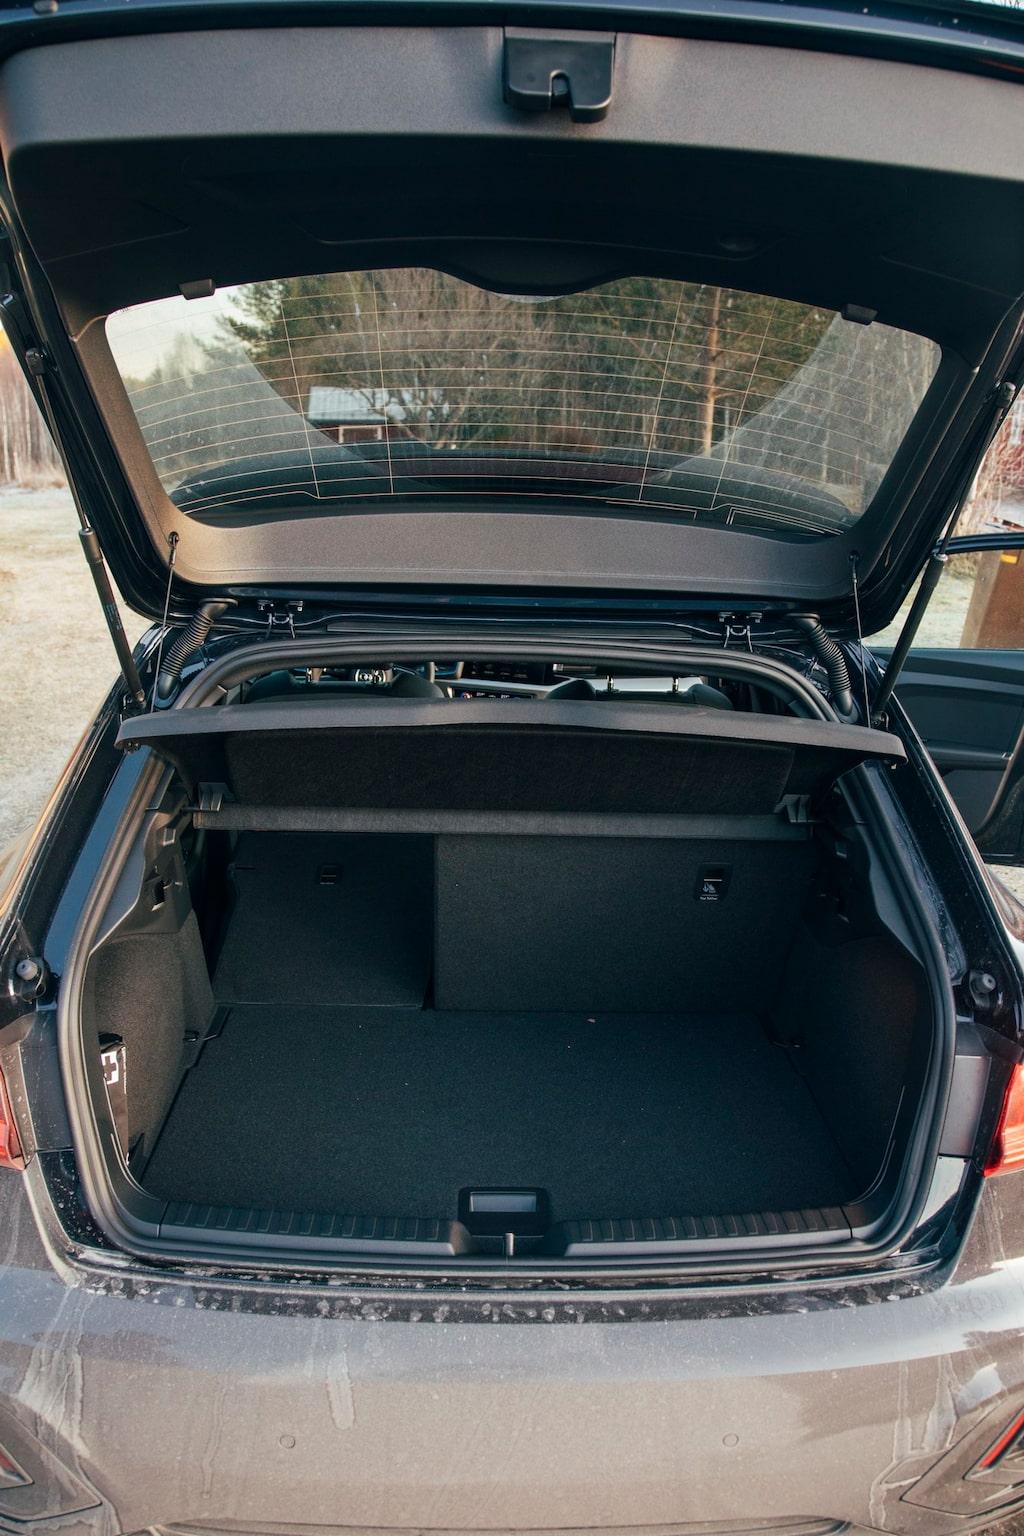 A1 har ett kort bagageutrymme. Takhöjden är dock bra och bredden mellan hjulhusen likaså.